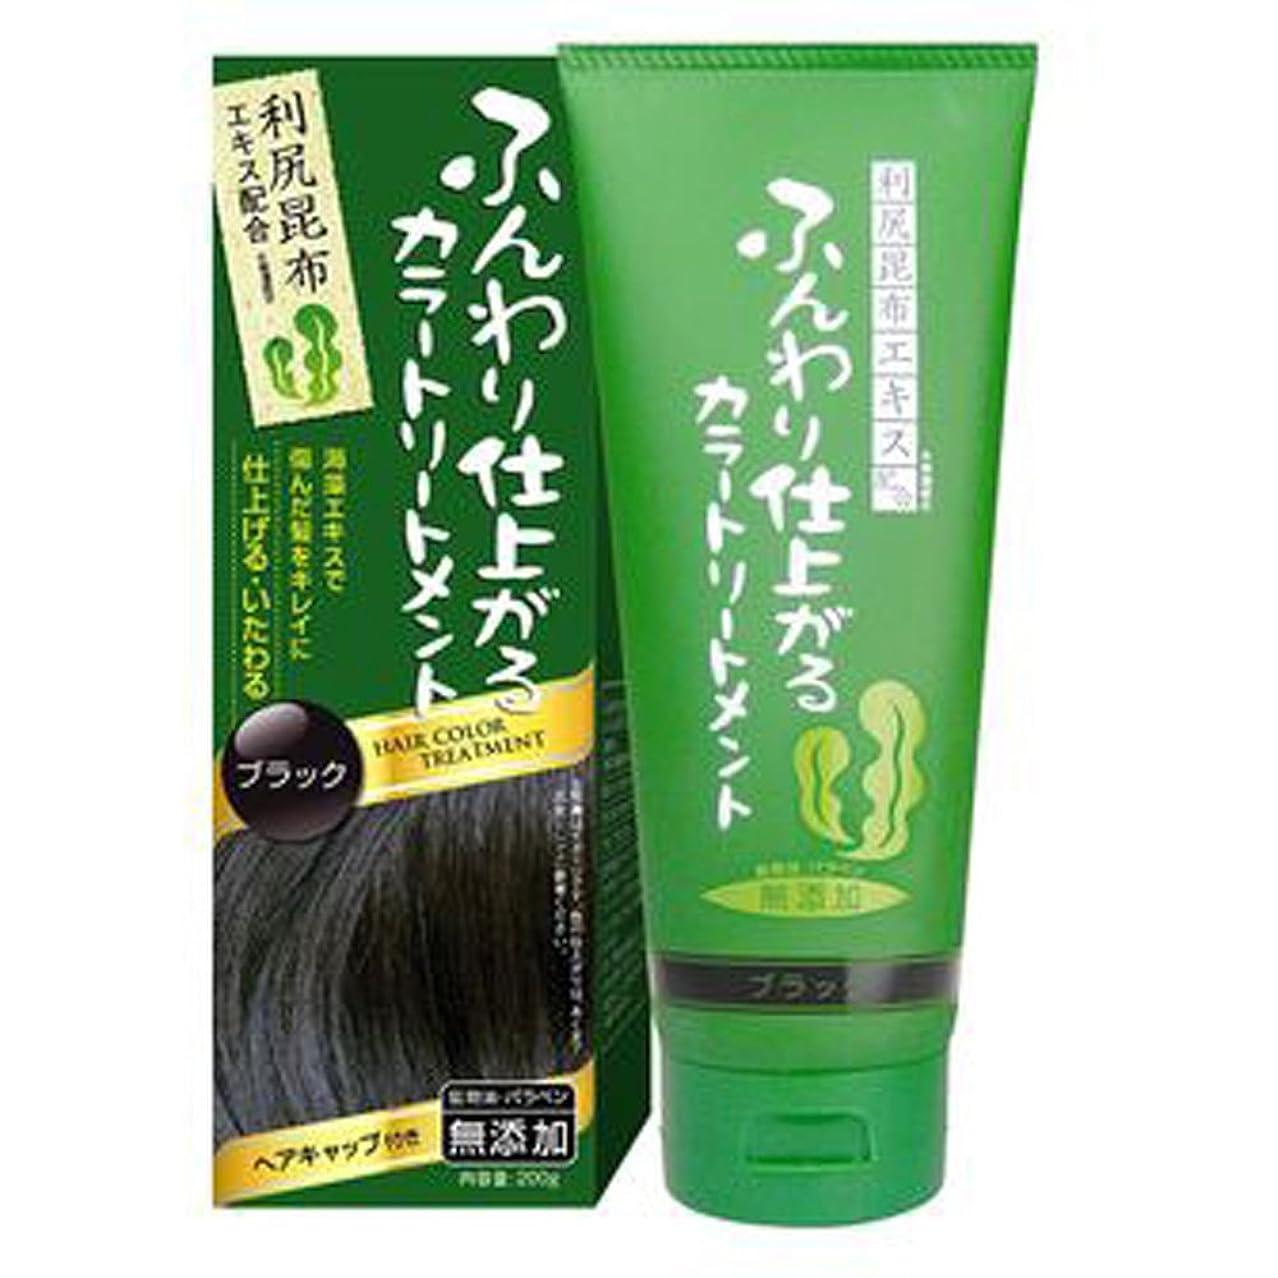 不明瞭洞窟主ふんわり仕上がるカラートリートメント 白髪 染め 保湿 利尻昆布エキス配合 ヘアカラー (200g ブラック) rishiri-haircolor-200g-blk